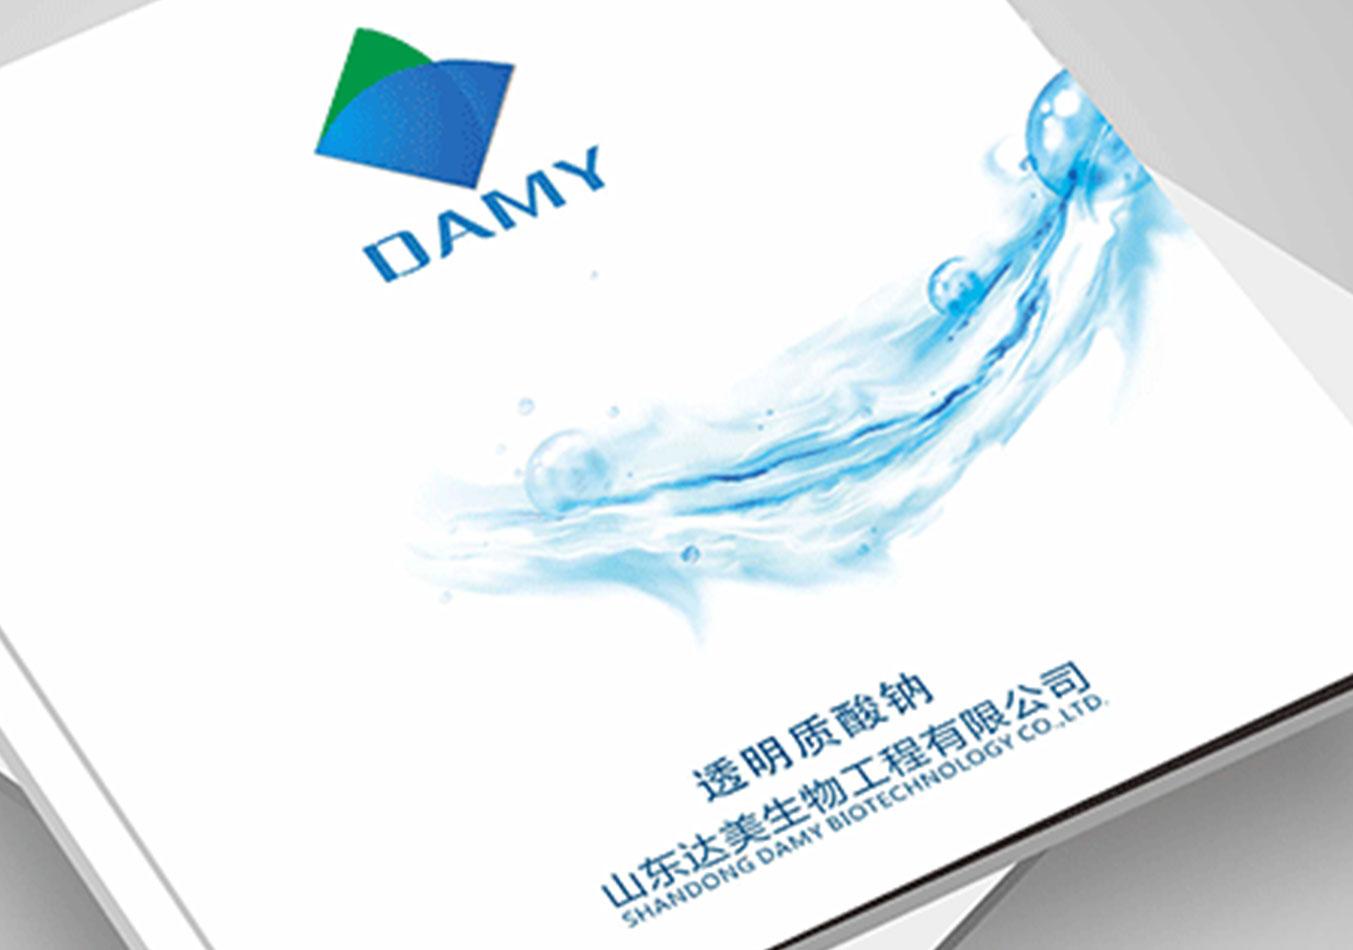 广州画册设计 山东达美生物工程有限公司企业画册设计